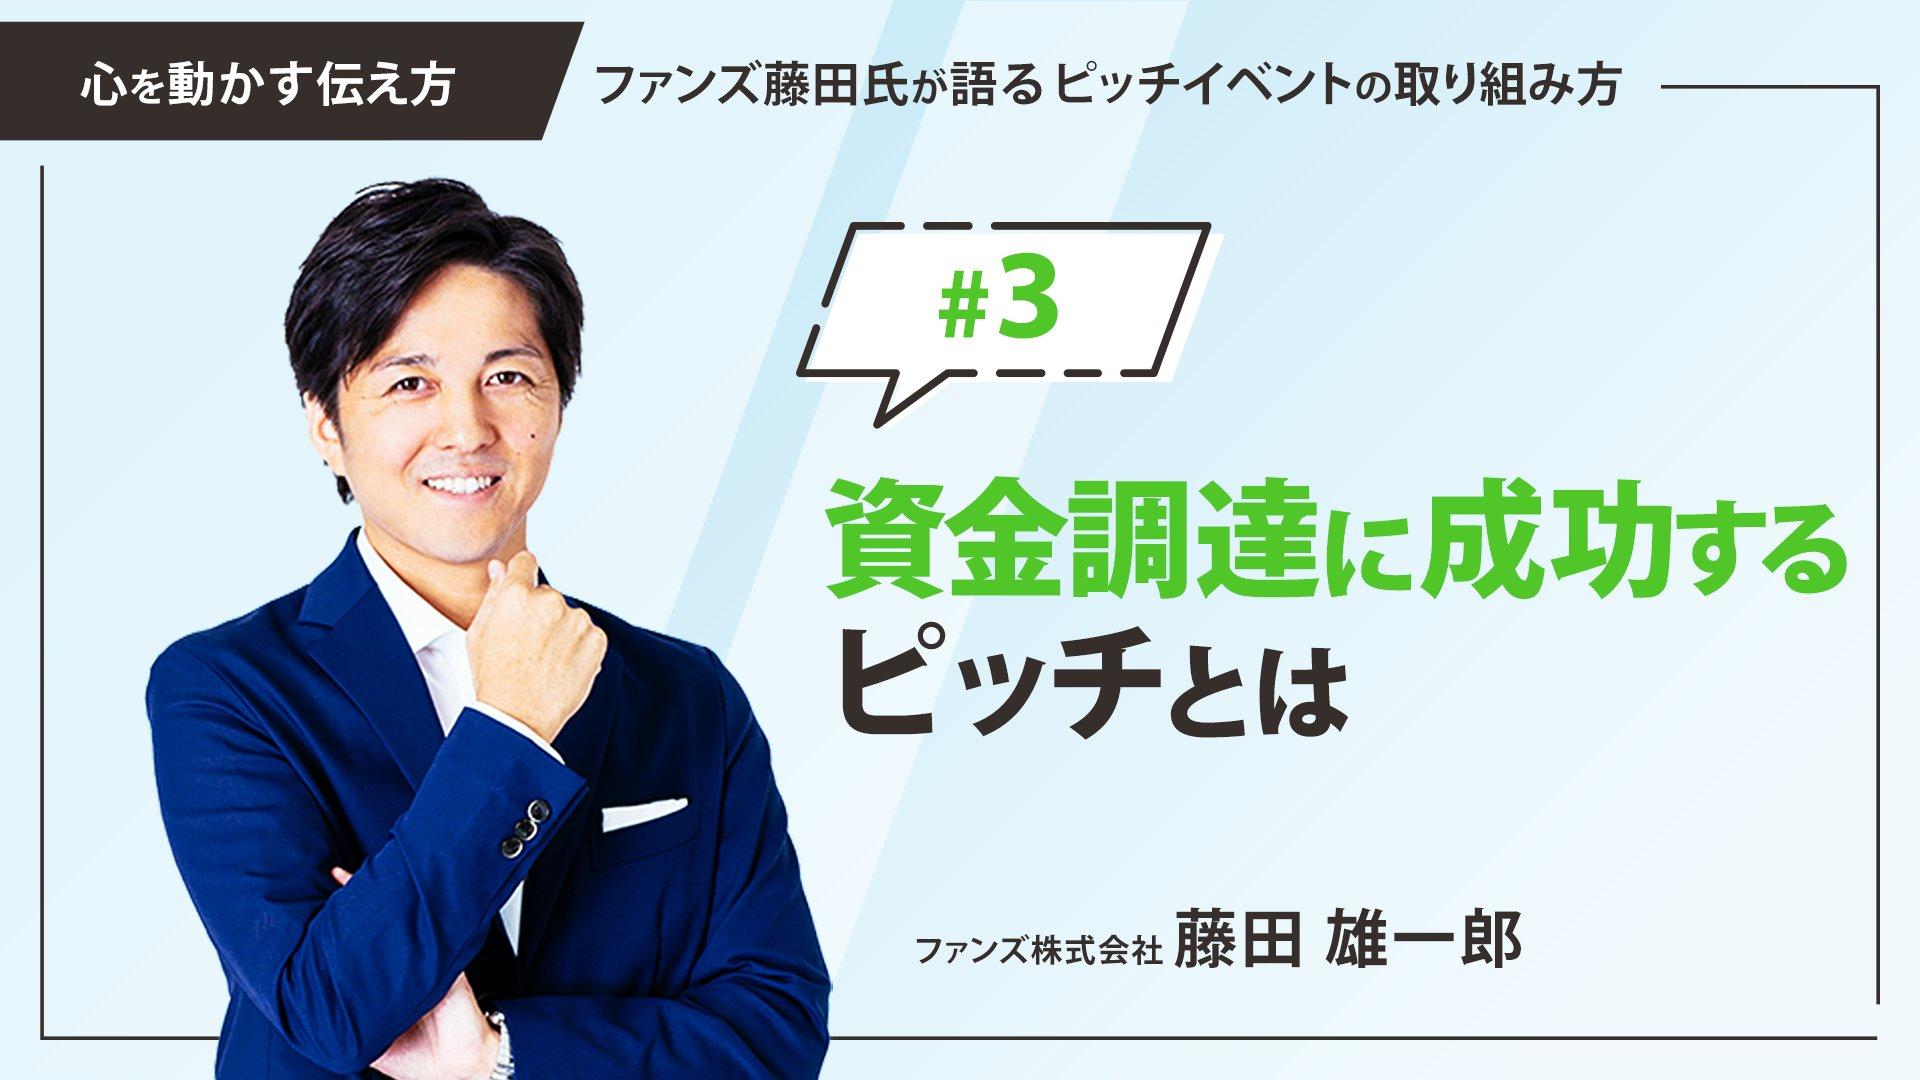 #3 資金調達に成功するピッチとは|「心を動かす伝え方」ファンズ藤田氏が語るピッチイベントの取り組み方